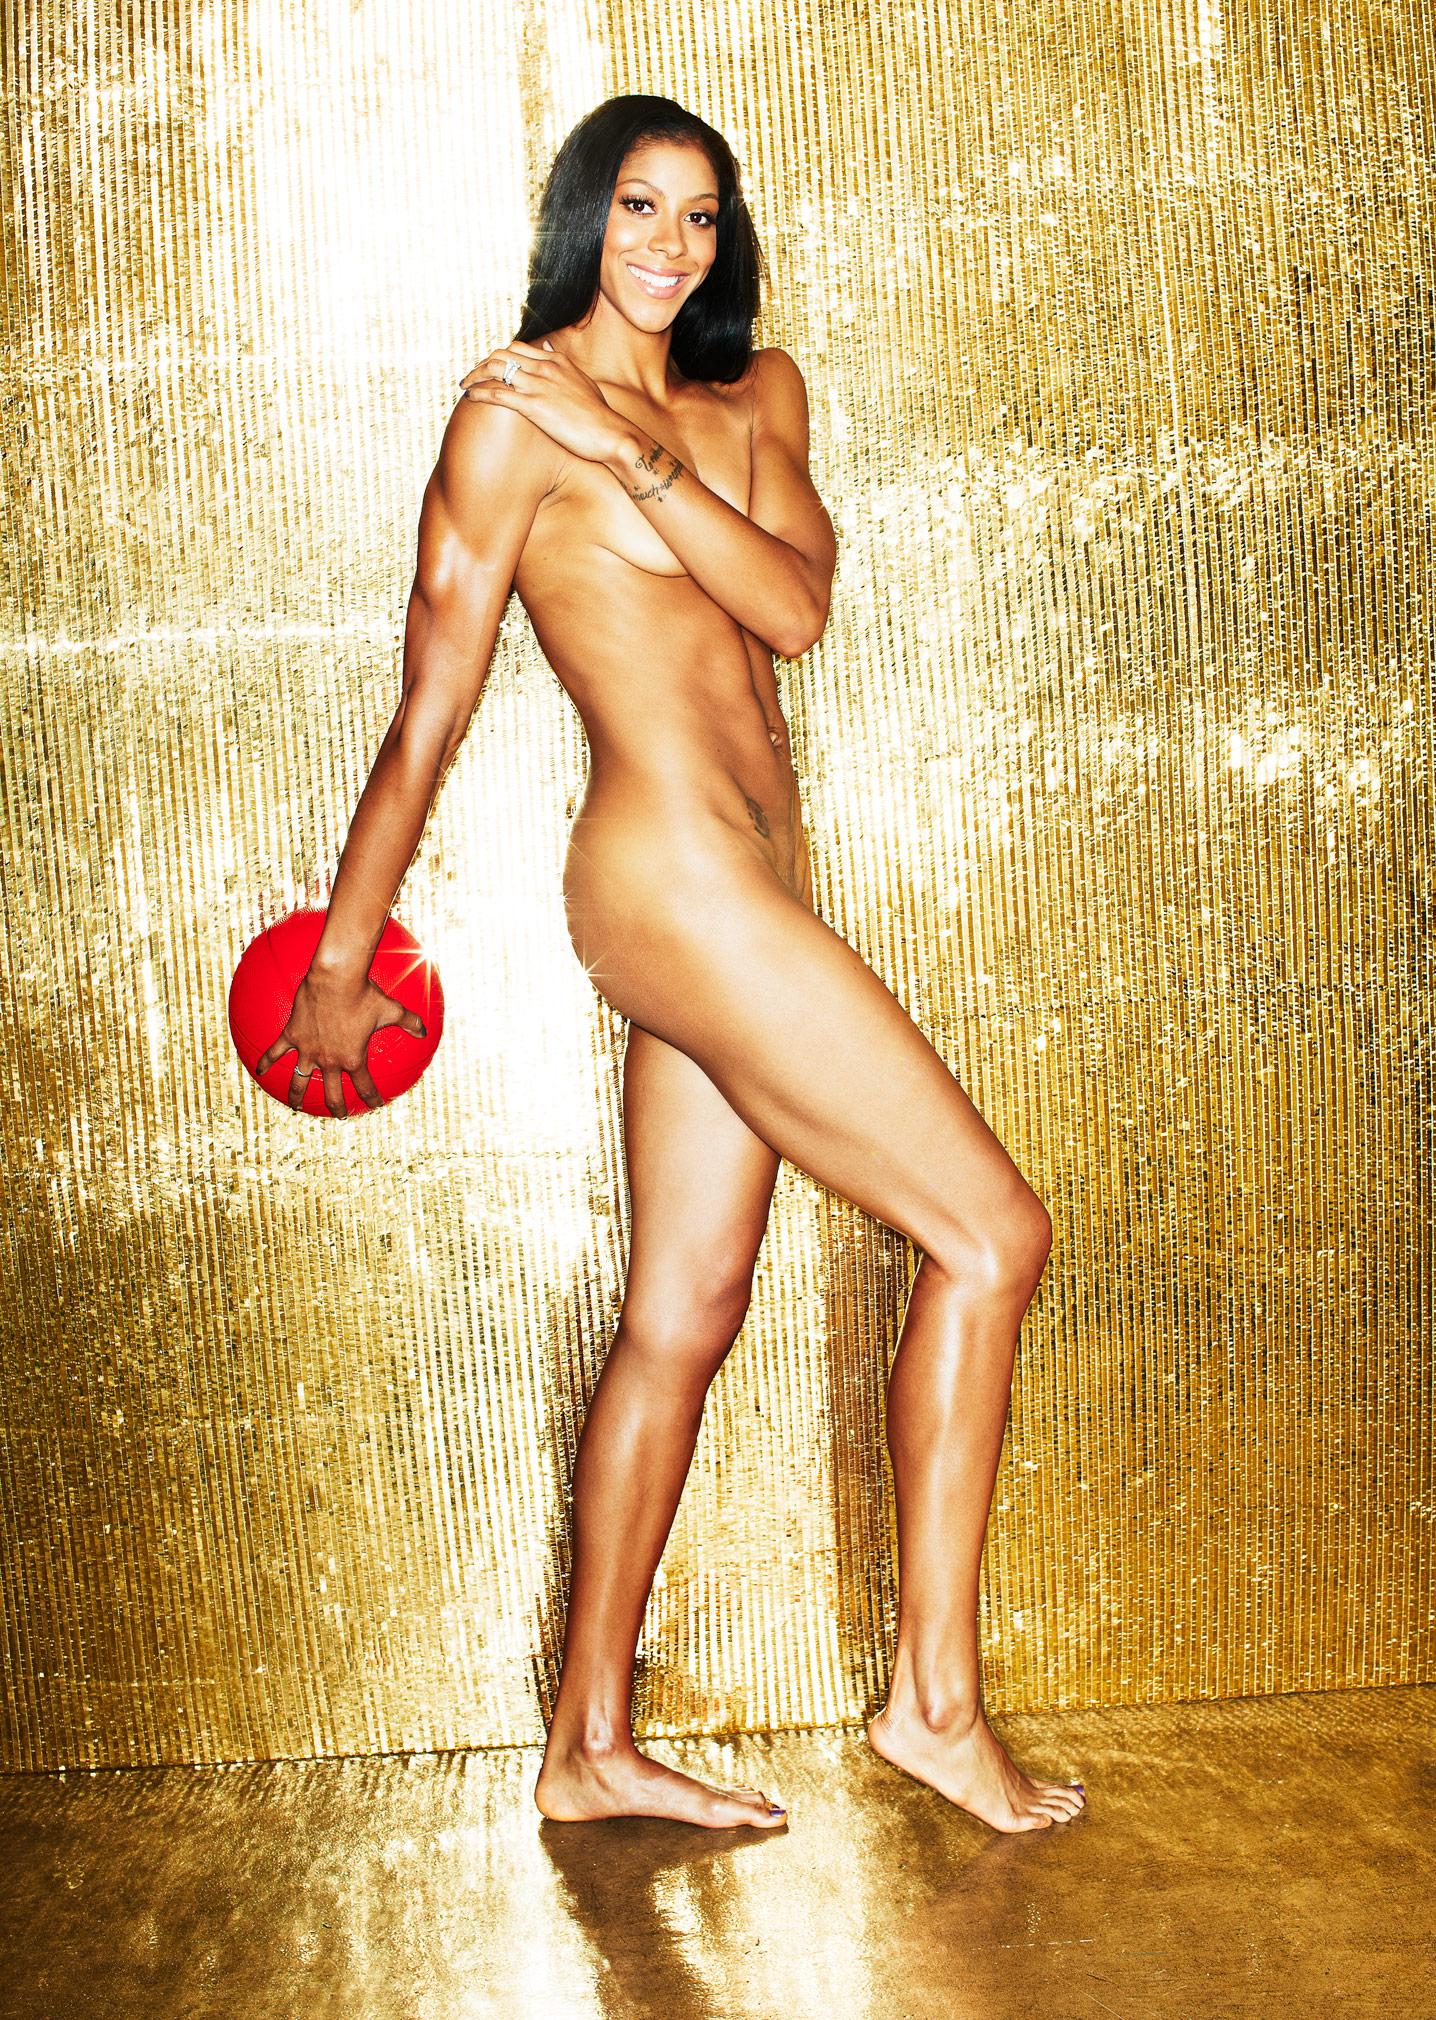 Эротика женщины атлетки 13 фотография